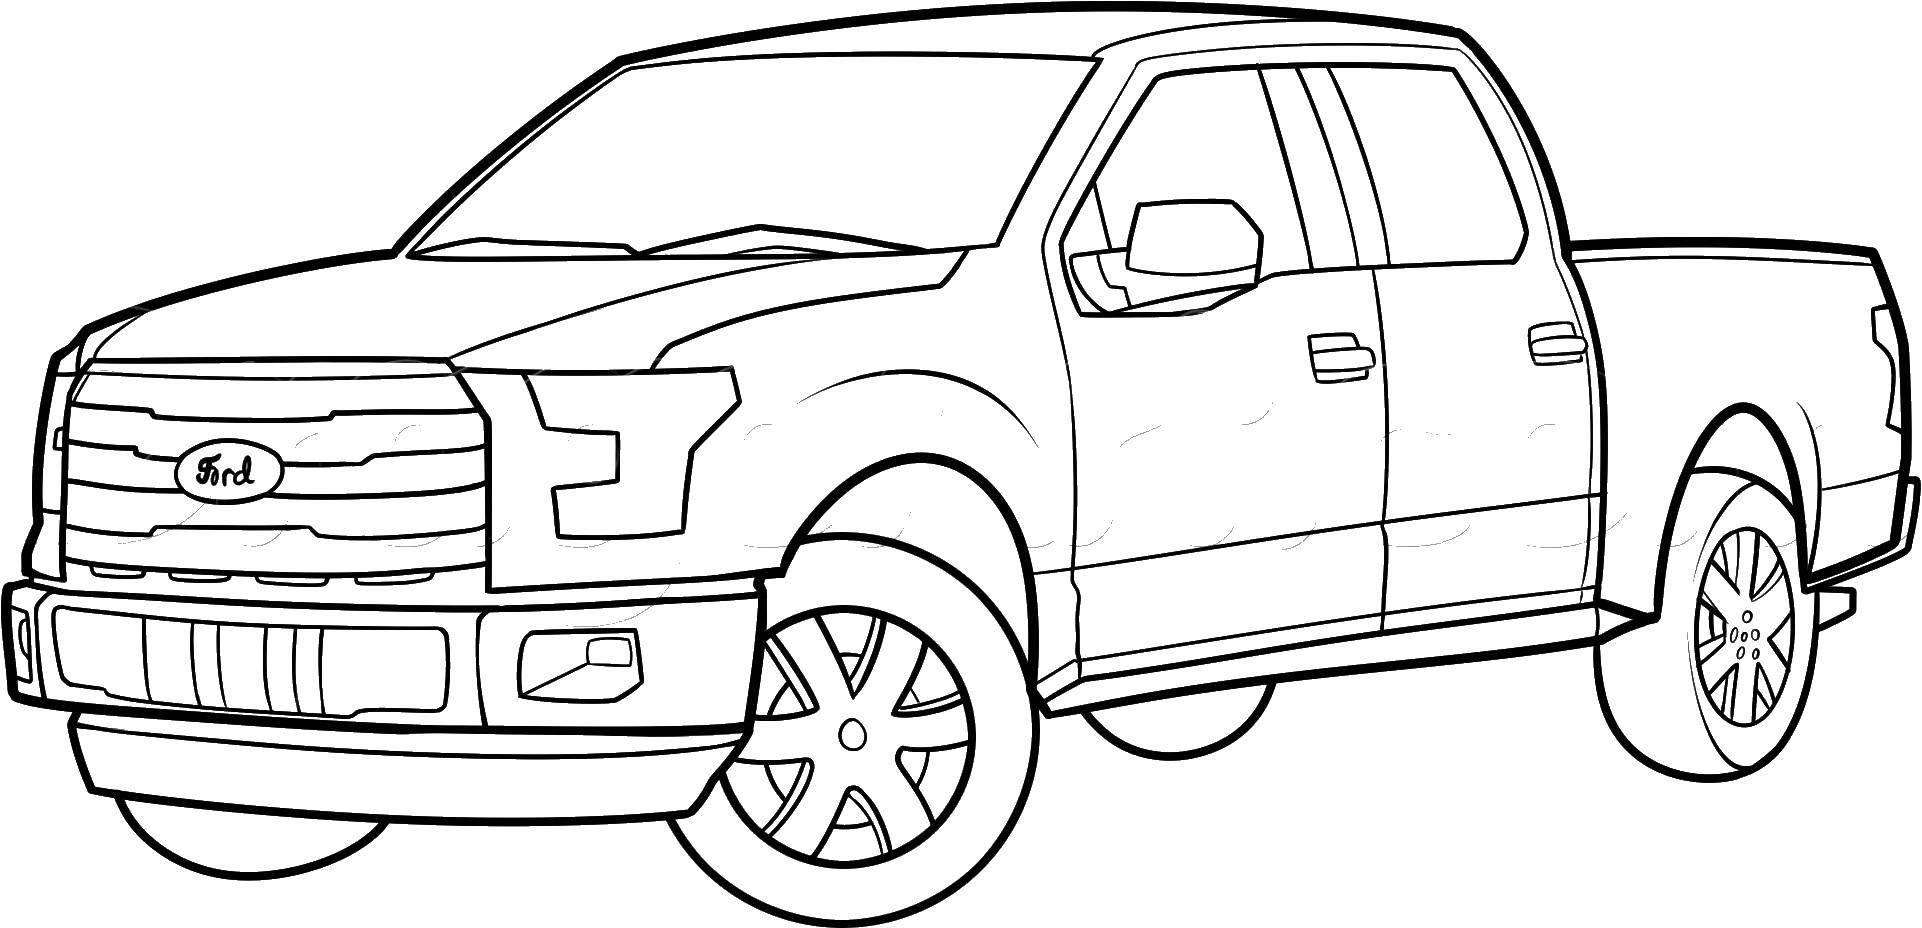 Раскраска Пикап Скачать ,машины, транспорт, автомобиль, пикап,.  Распечатать